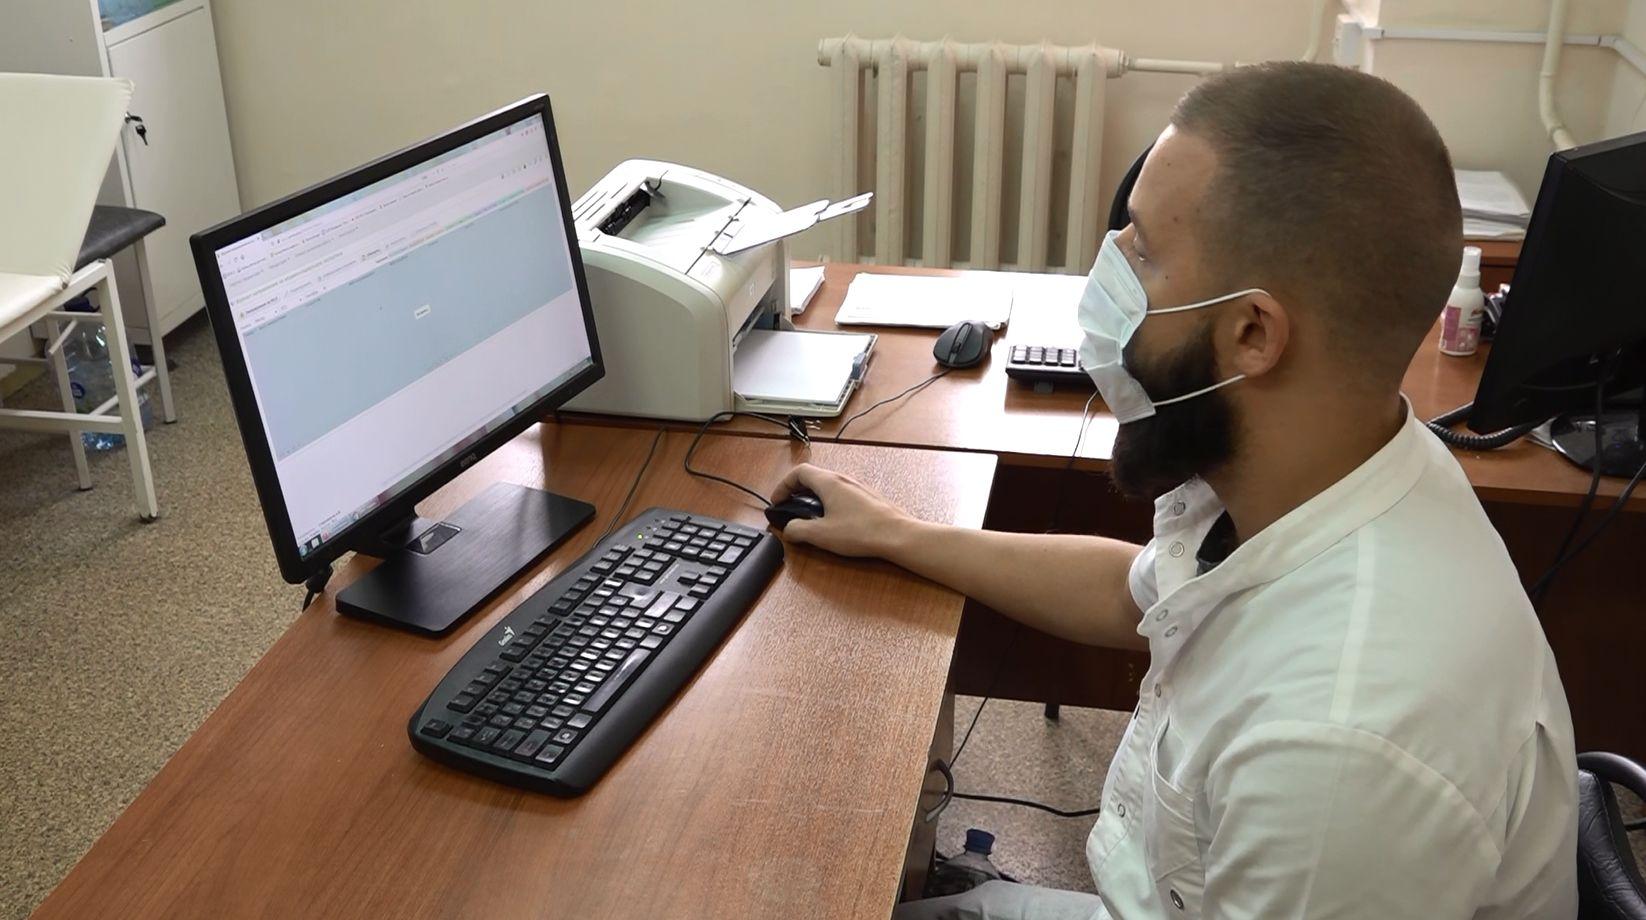 Ярославская область в числе первых в России осуществила переход на электронное взаимодействие с бюро медико-социальной экспертизы